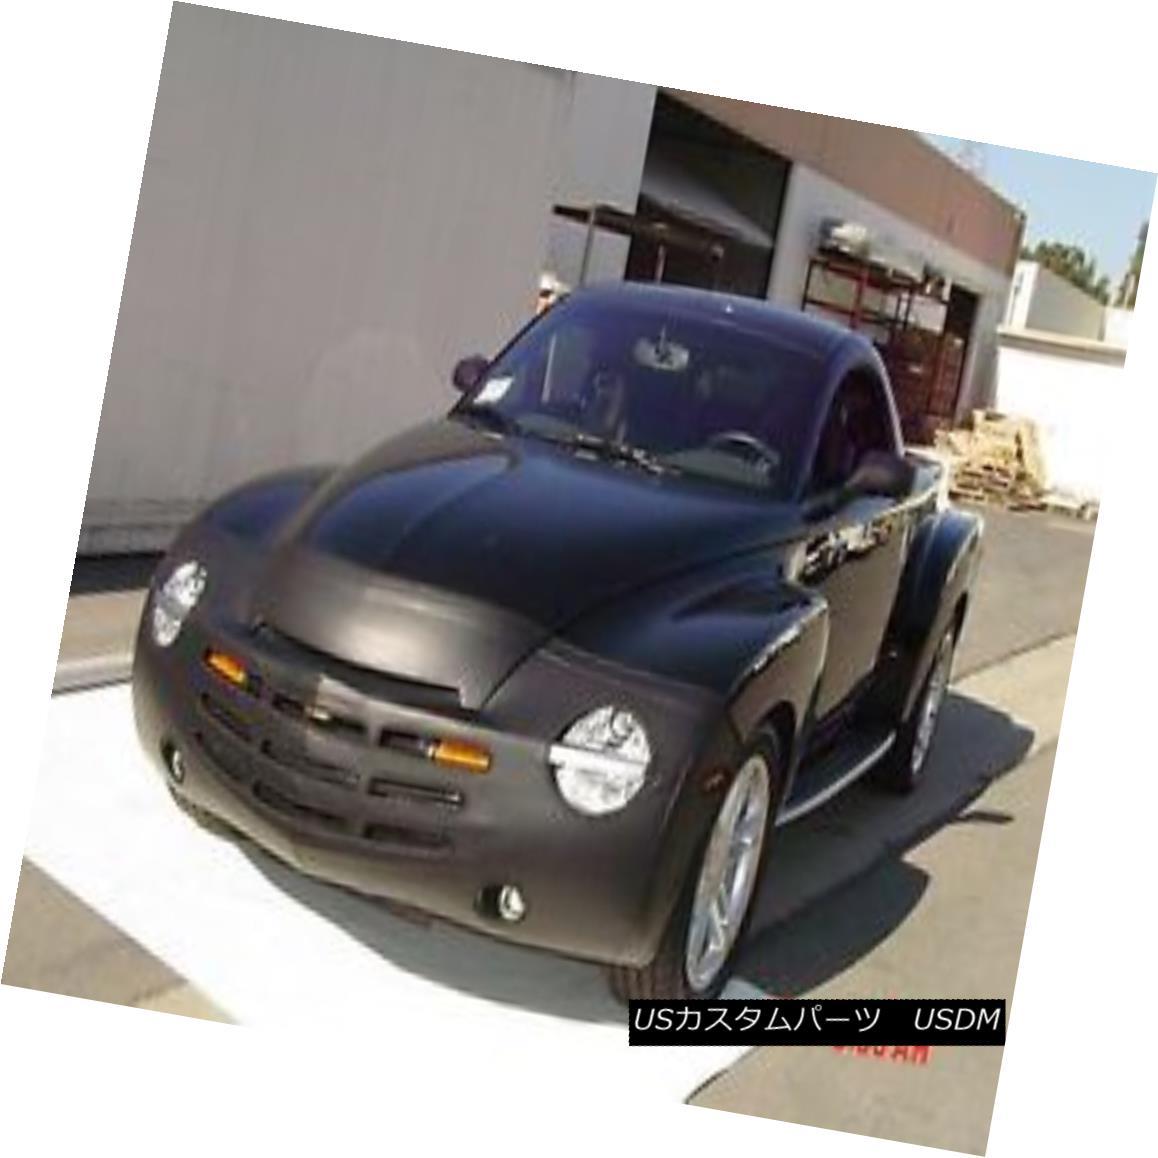 フルブラ ノーズブラ Colgan Front End Mask Bra 2pc. Fits Chevy SSR W/O TAG, With Fogs 2003-2006  コルガンフロントエンドマスクブラ2pc Fogs 2003-2006でChevy SSR W / O TAGに適合